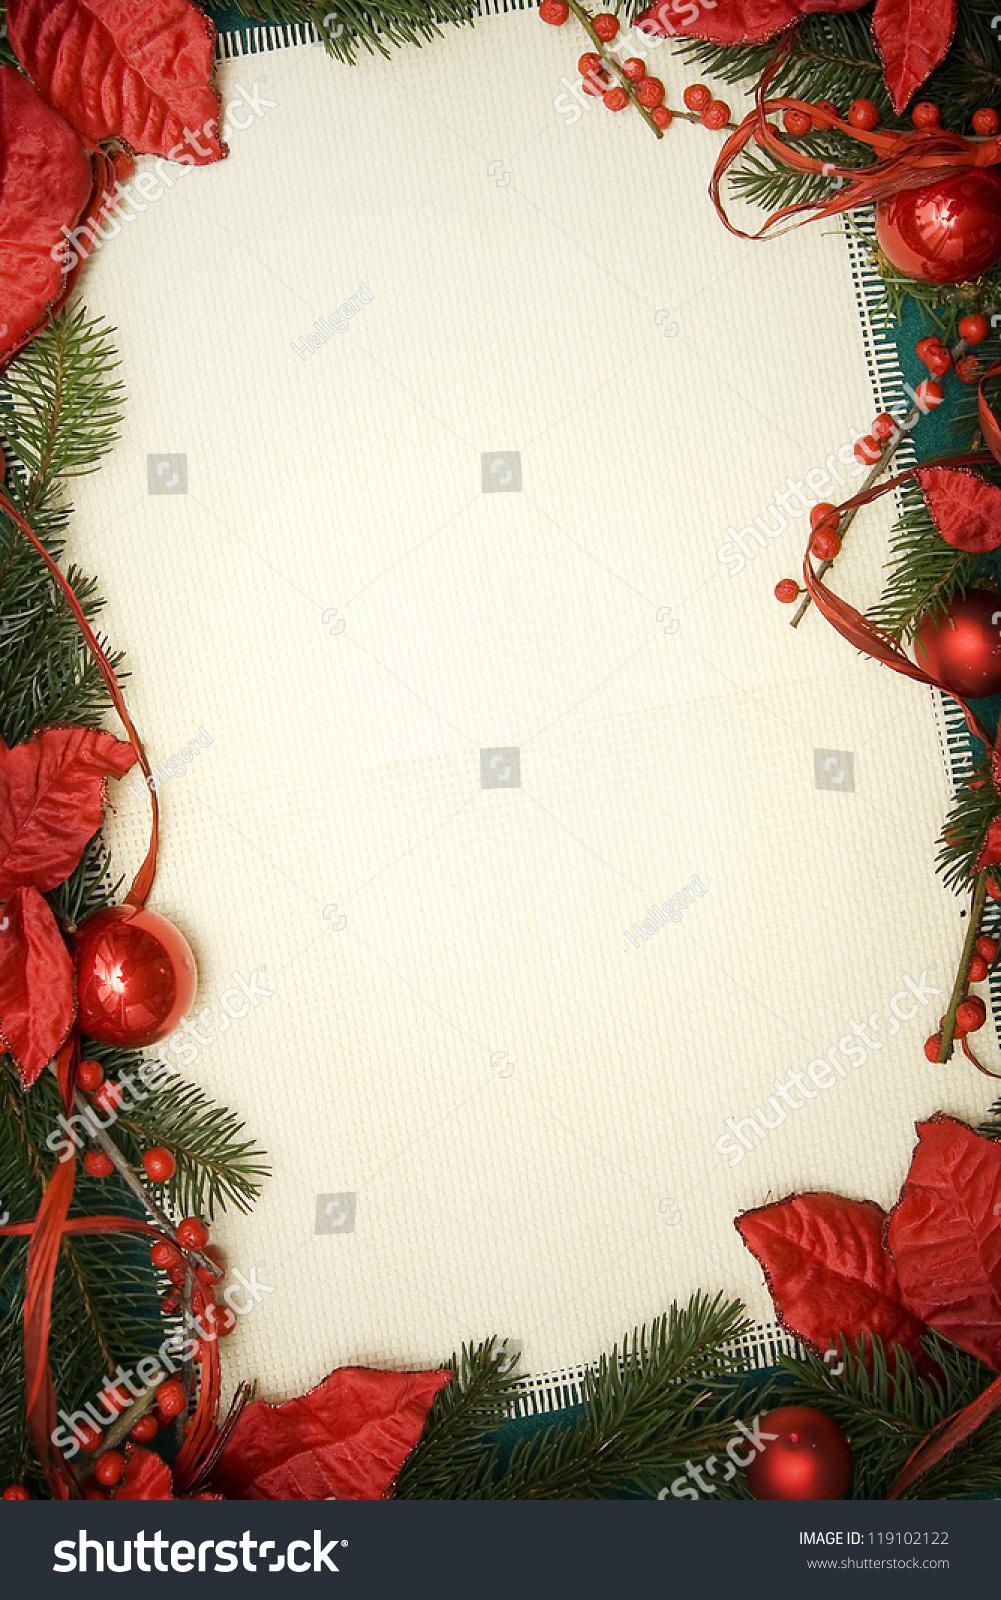 绿色云杉和红色装饰的圣诞装饰品-背景/素材